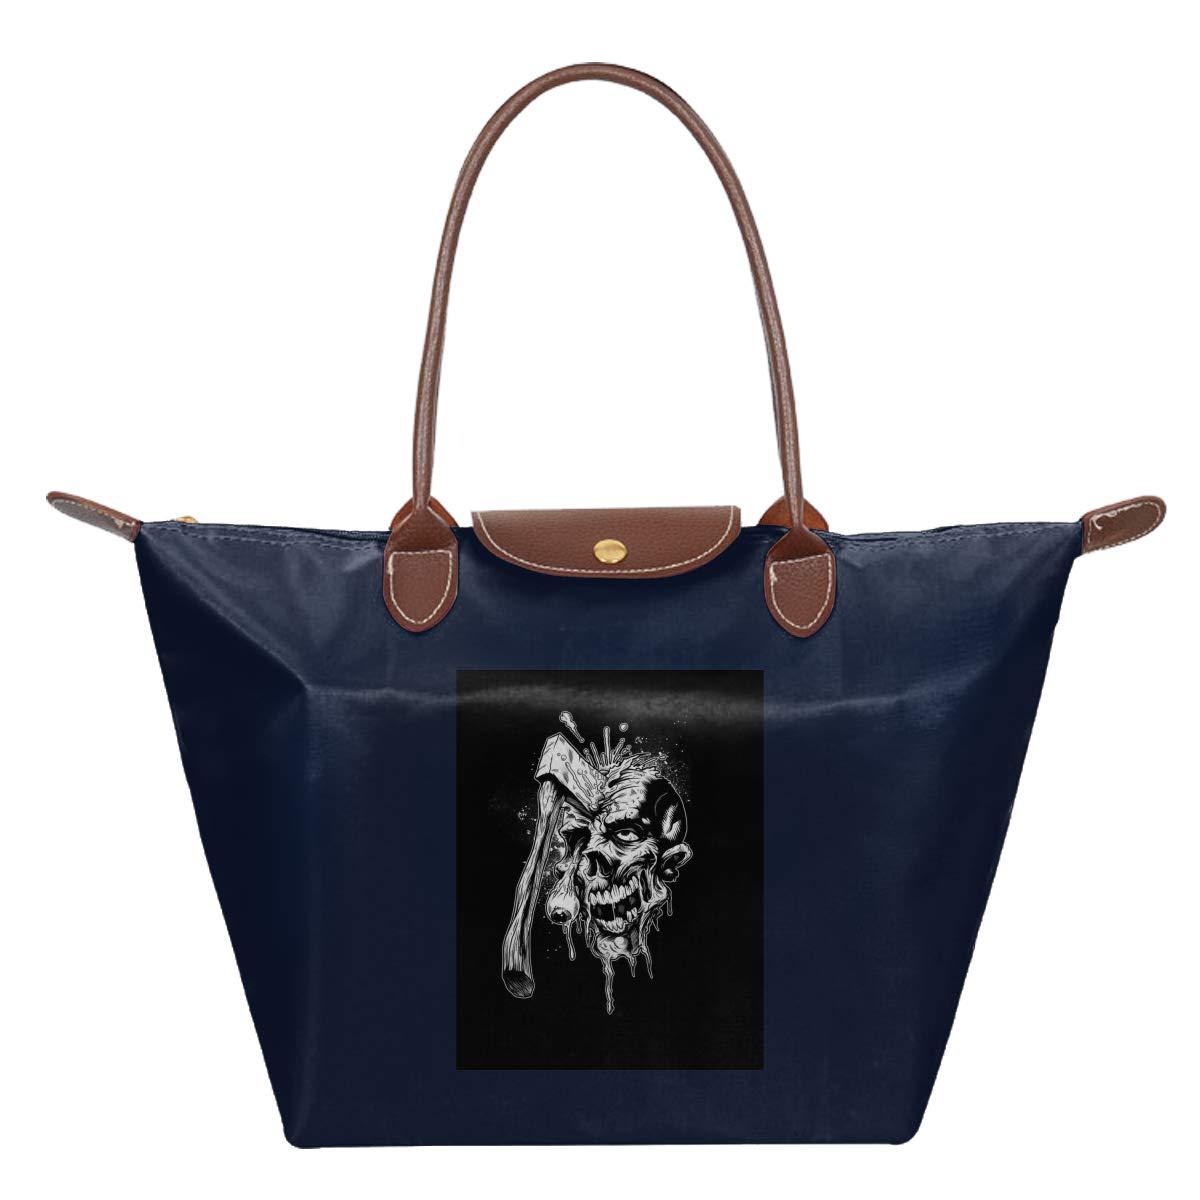 Skulls Skeleton Waterproof Leather Folded Messenger Nylon Bag Travel Tote Hopping Folding School Handbags